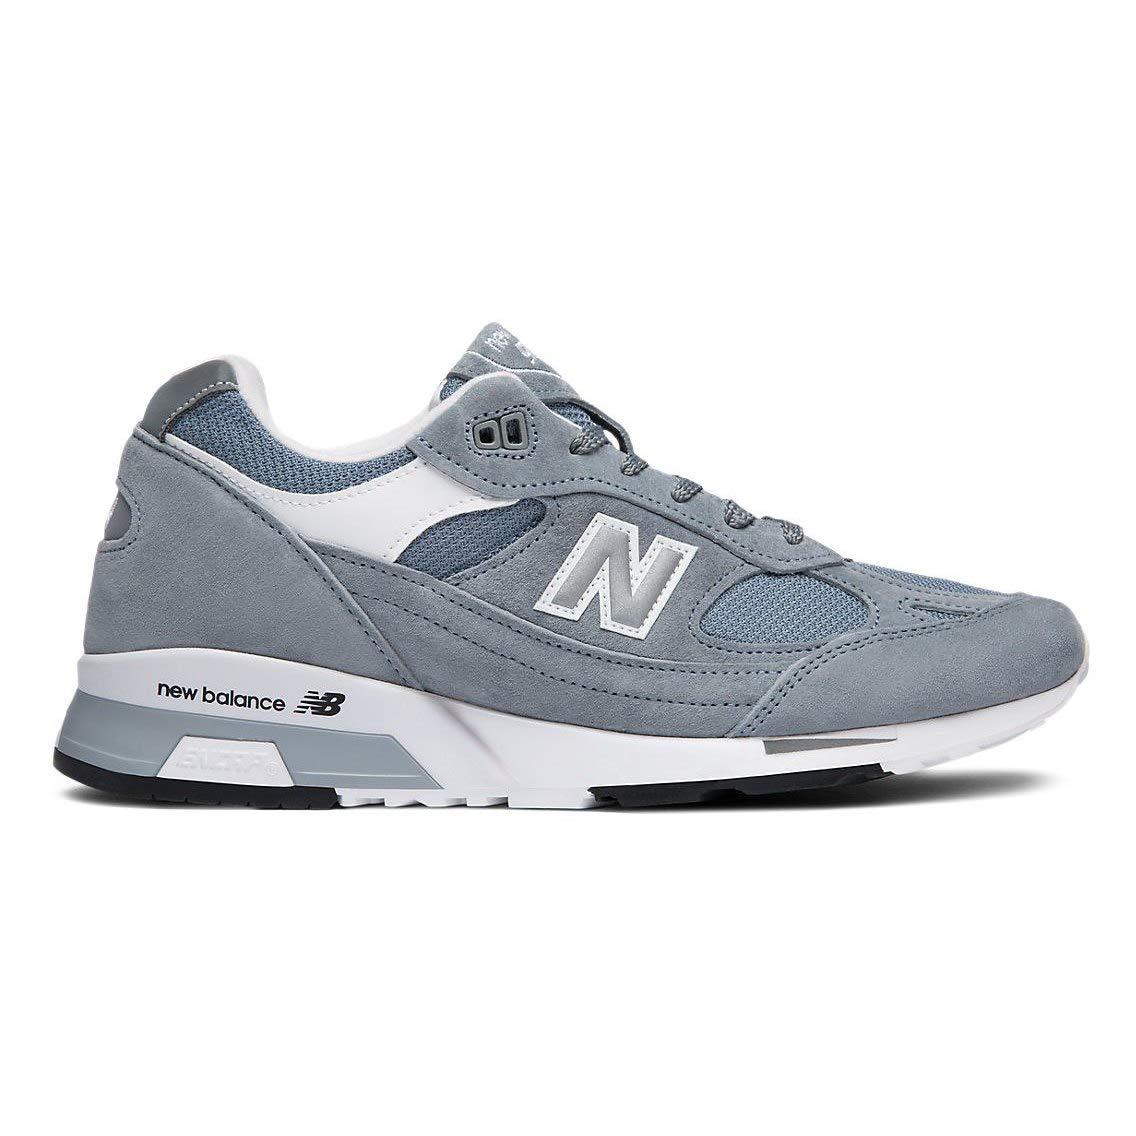 New Balance Made in England Schuhe Herren Turnschuhe Turnschuhe Grau, Größenauswahl 43 (9.5 US)